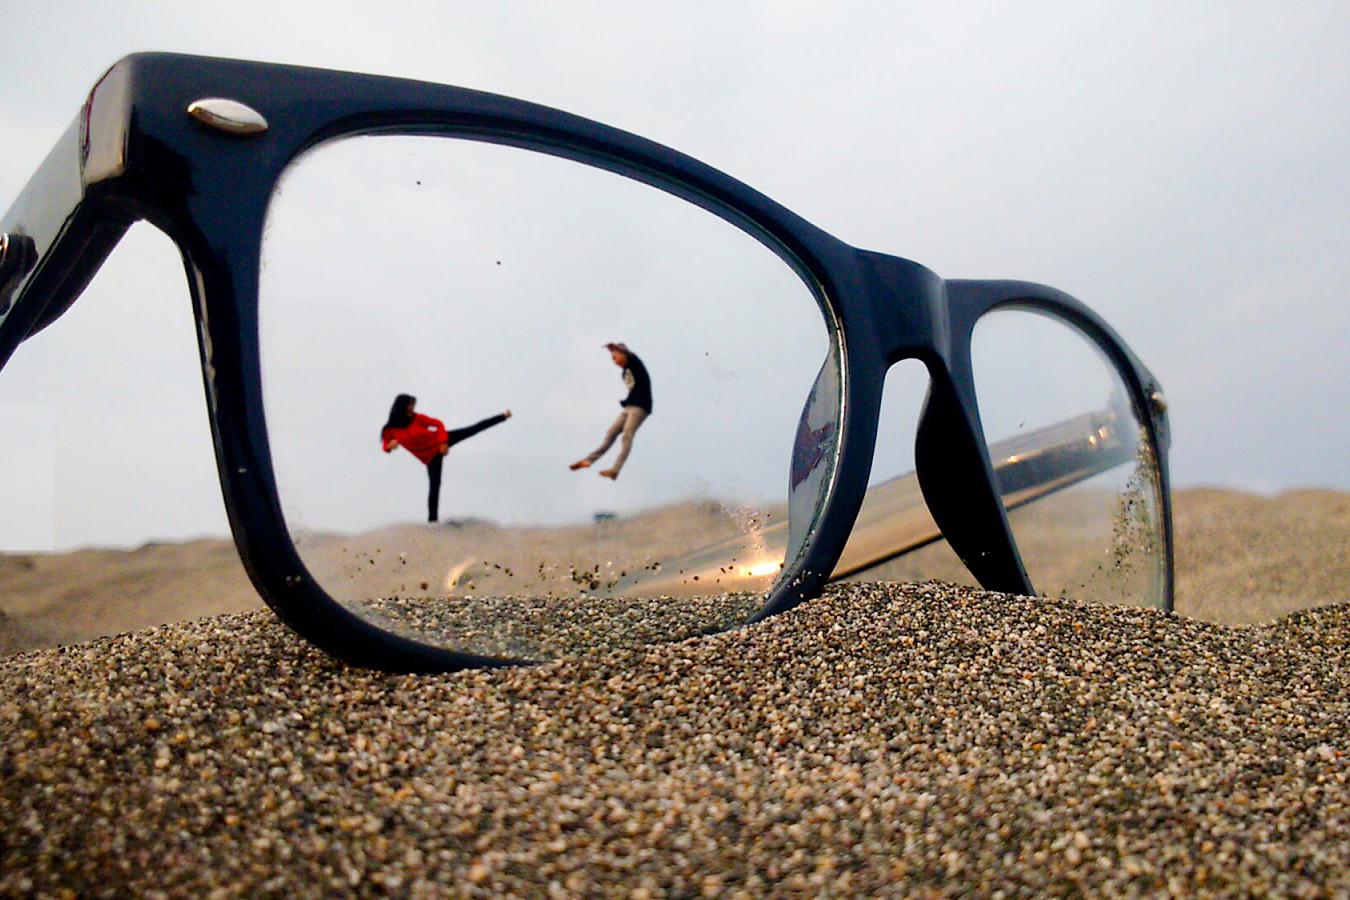 Foto keren dan melayang dengan tendanga maut wanita hijab cewek jilbab di pantai